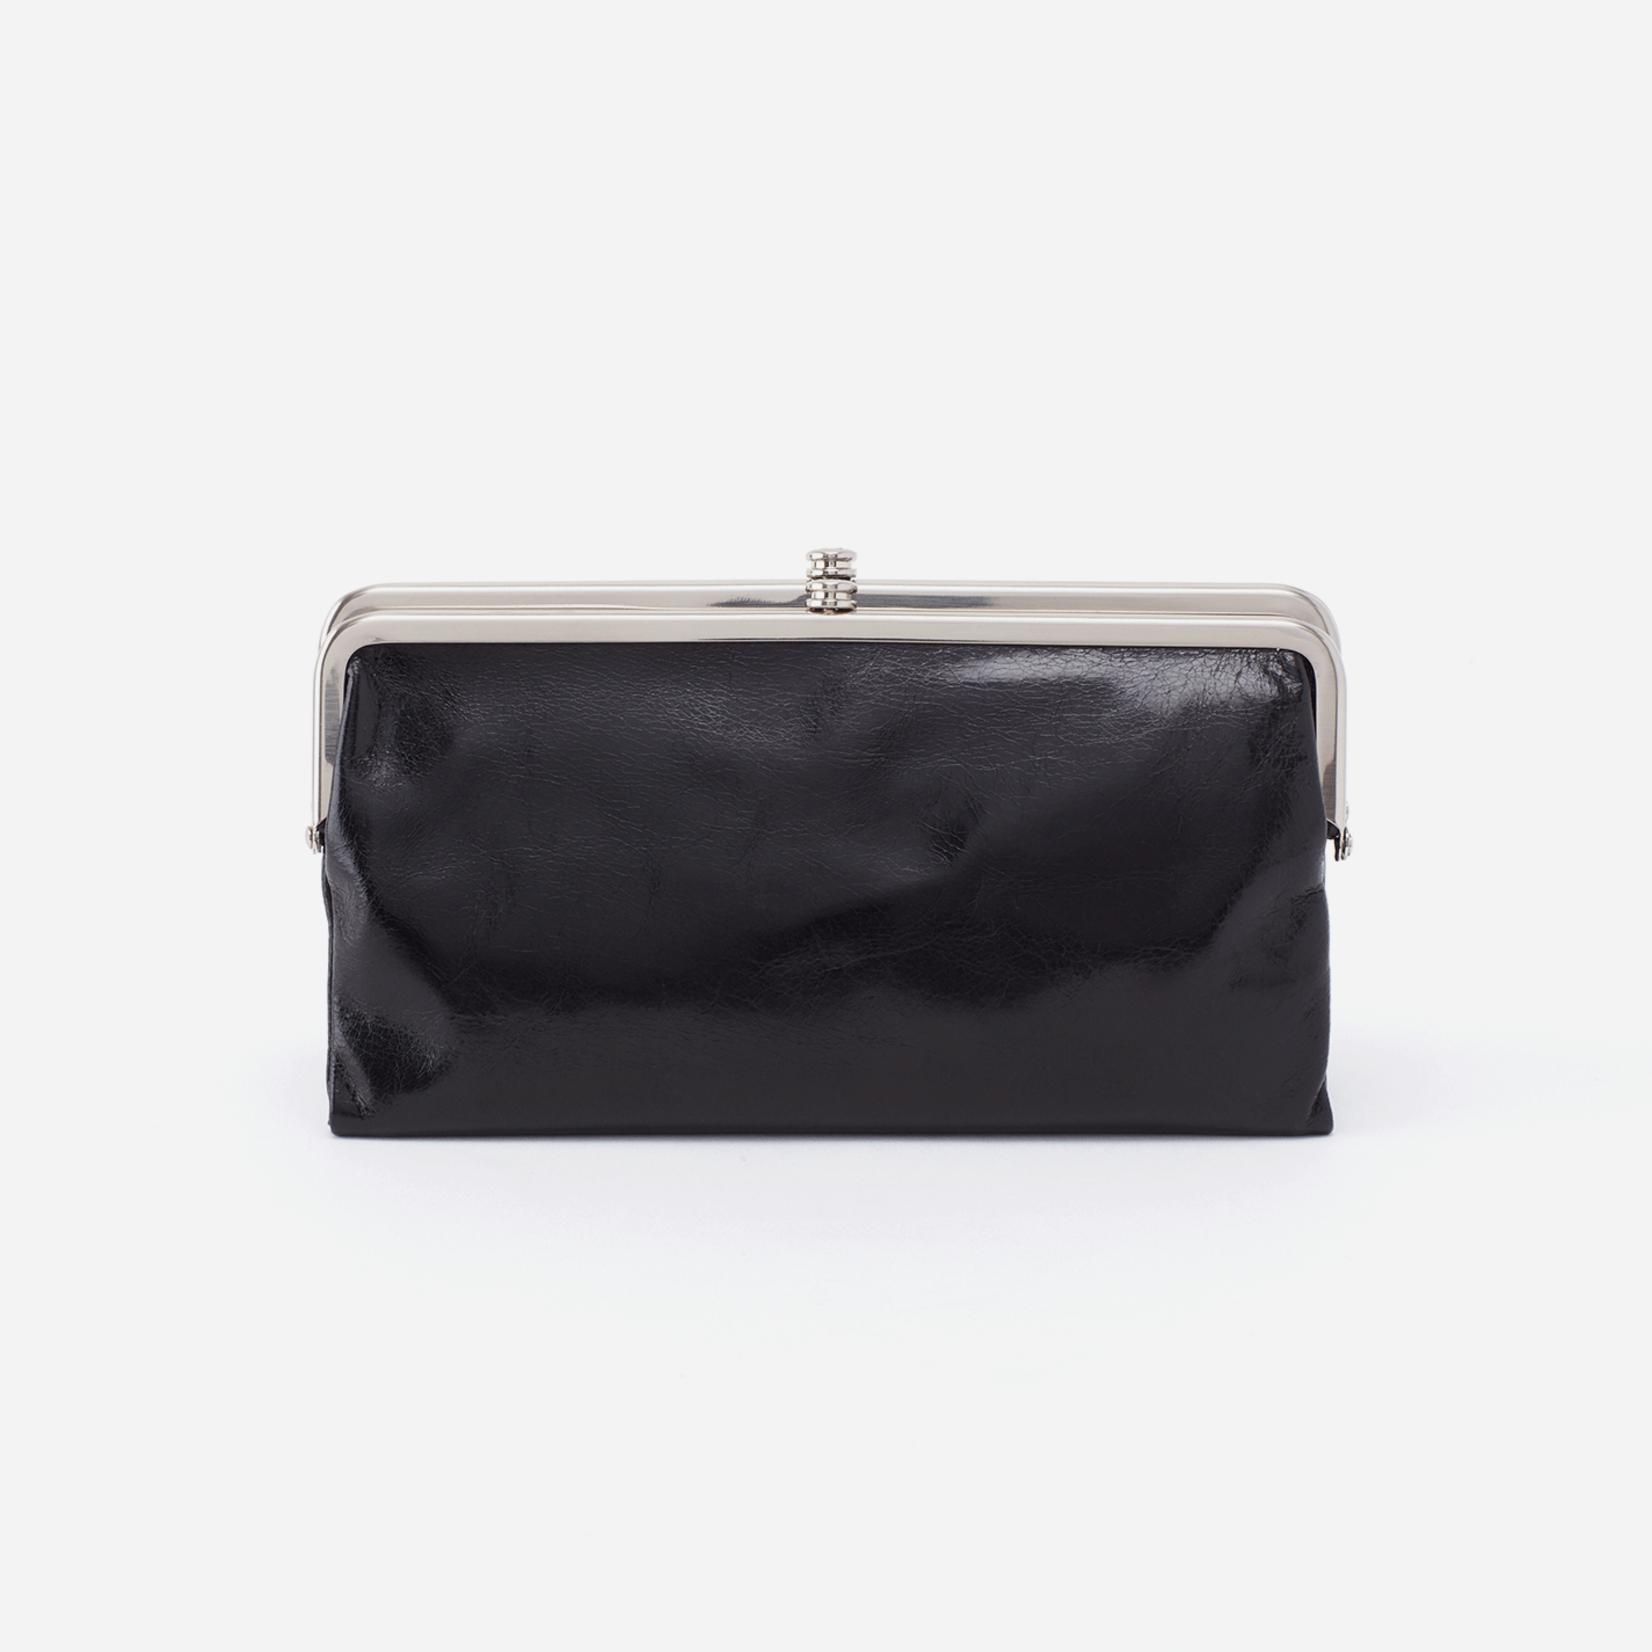 Lauren Wallet in Black